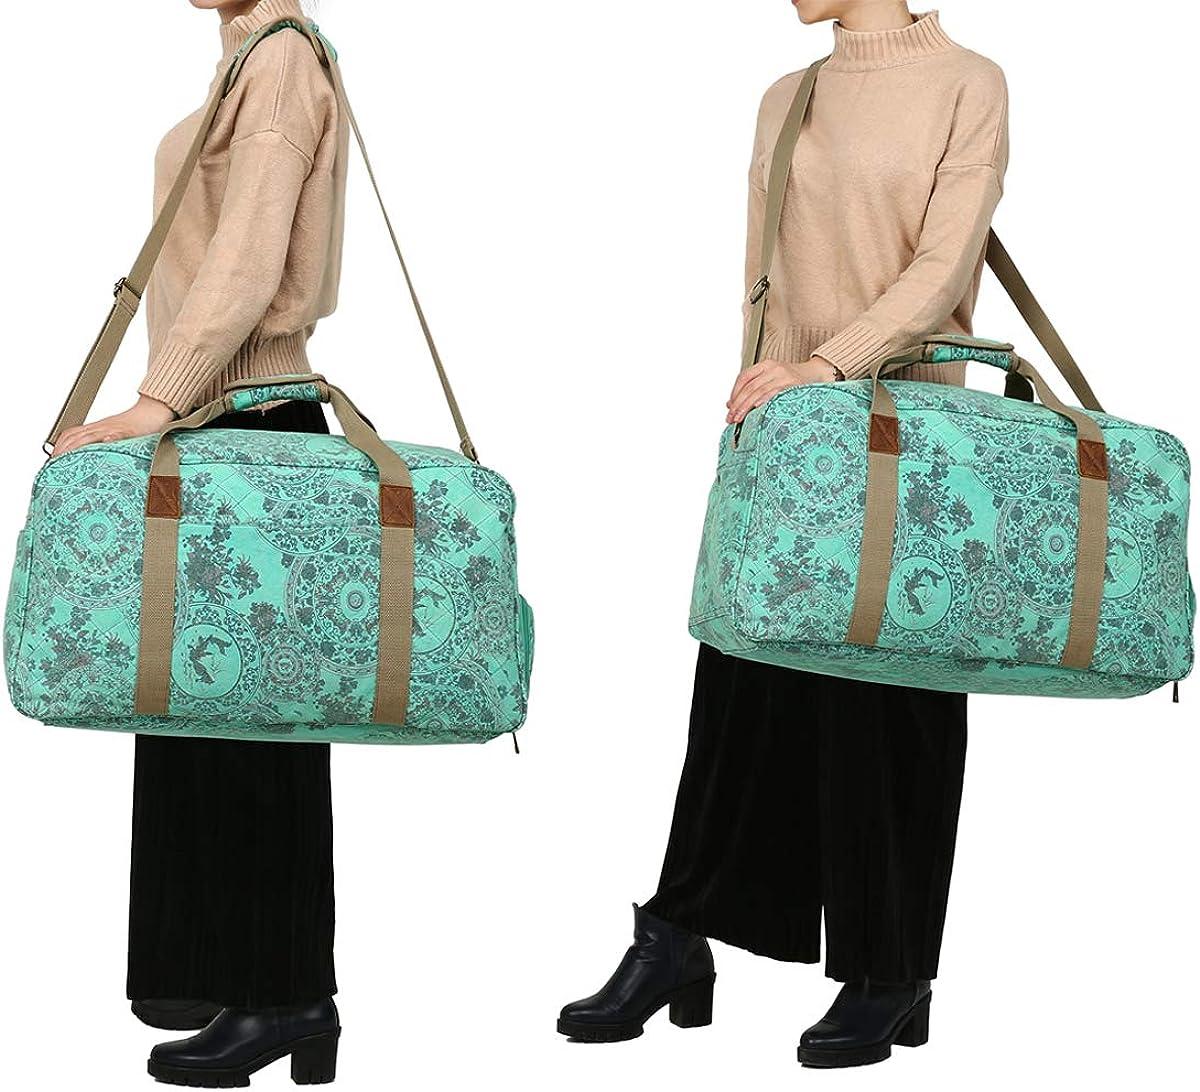 Kemys Canvas Duffle Bag Women Overnight Weekender Bags Oversized Ladies Weekend Carryon Duffel Large